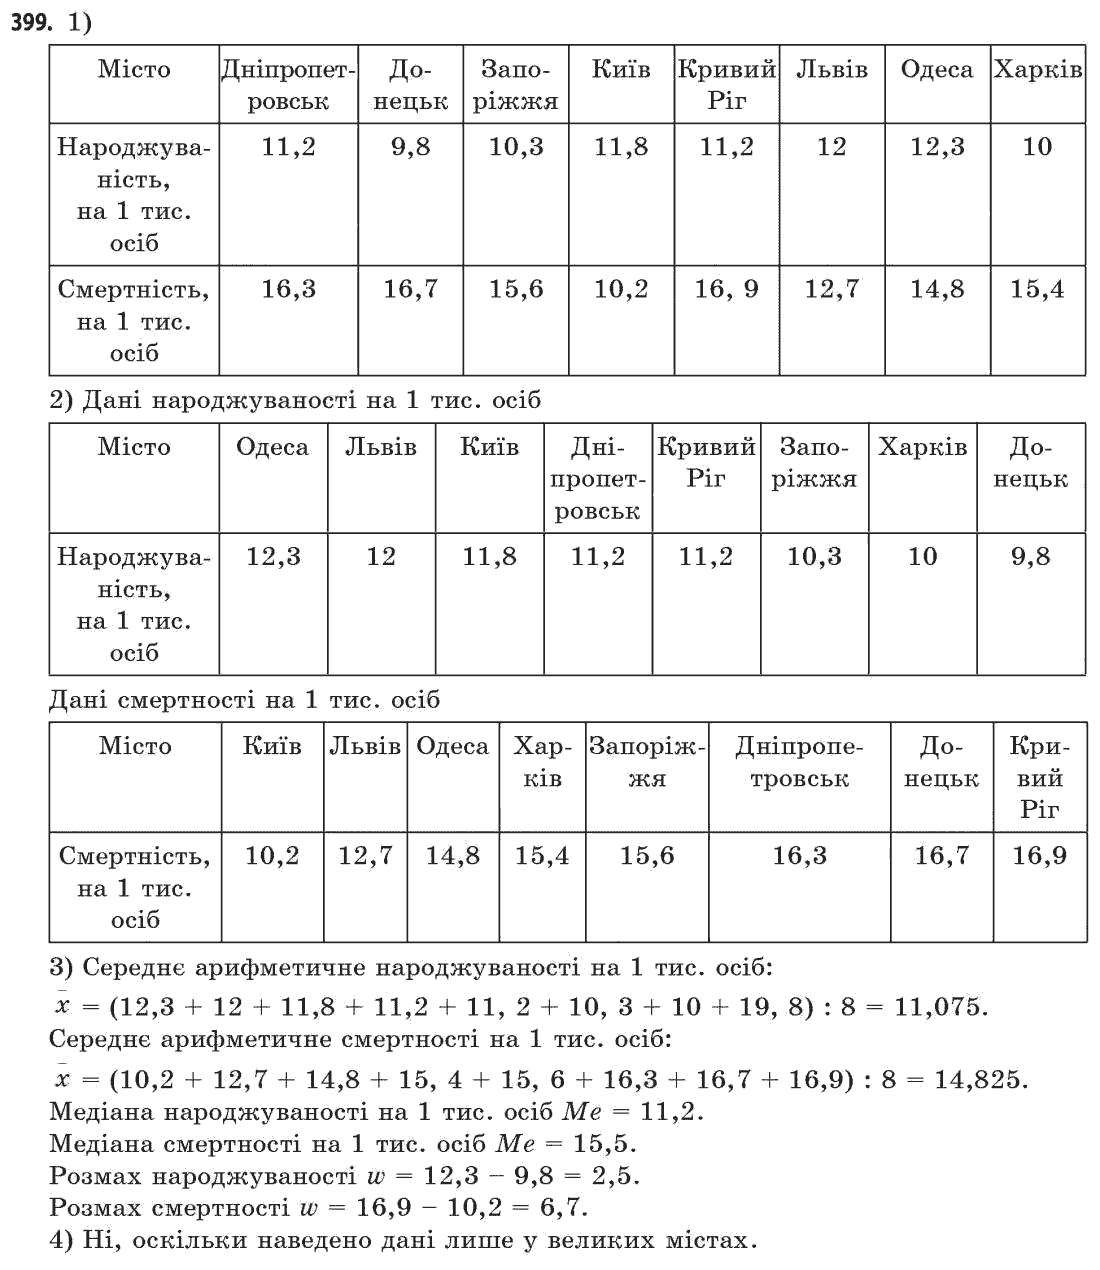 ГДЗ по математике 11 класс Бевз Г.П., Бевз В.Г., Владімірова Н.Г. §1. Функції та їх основні властивості. Задание: 13